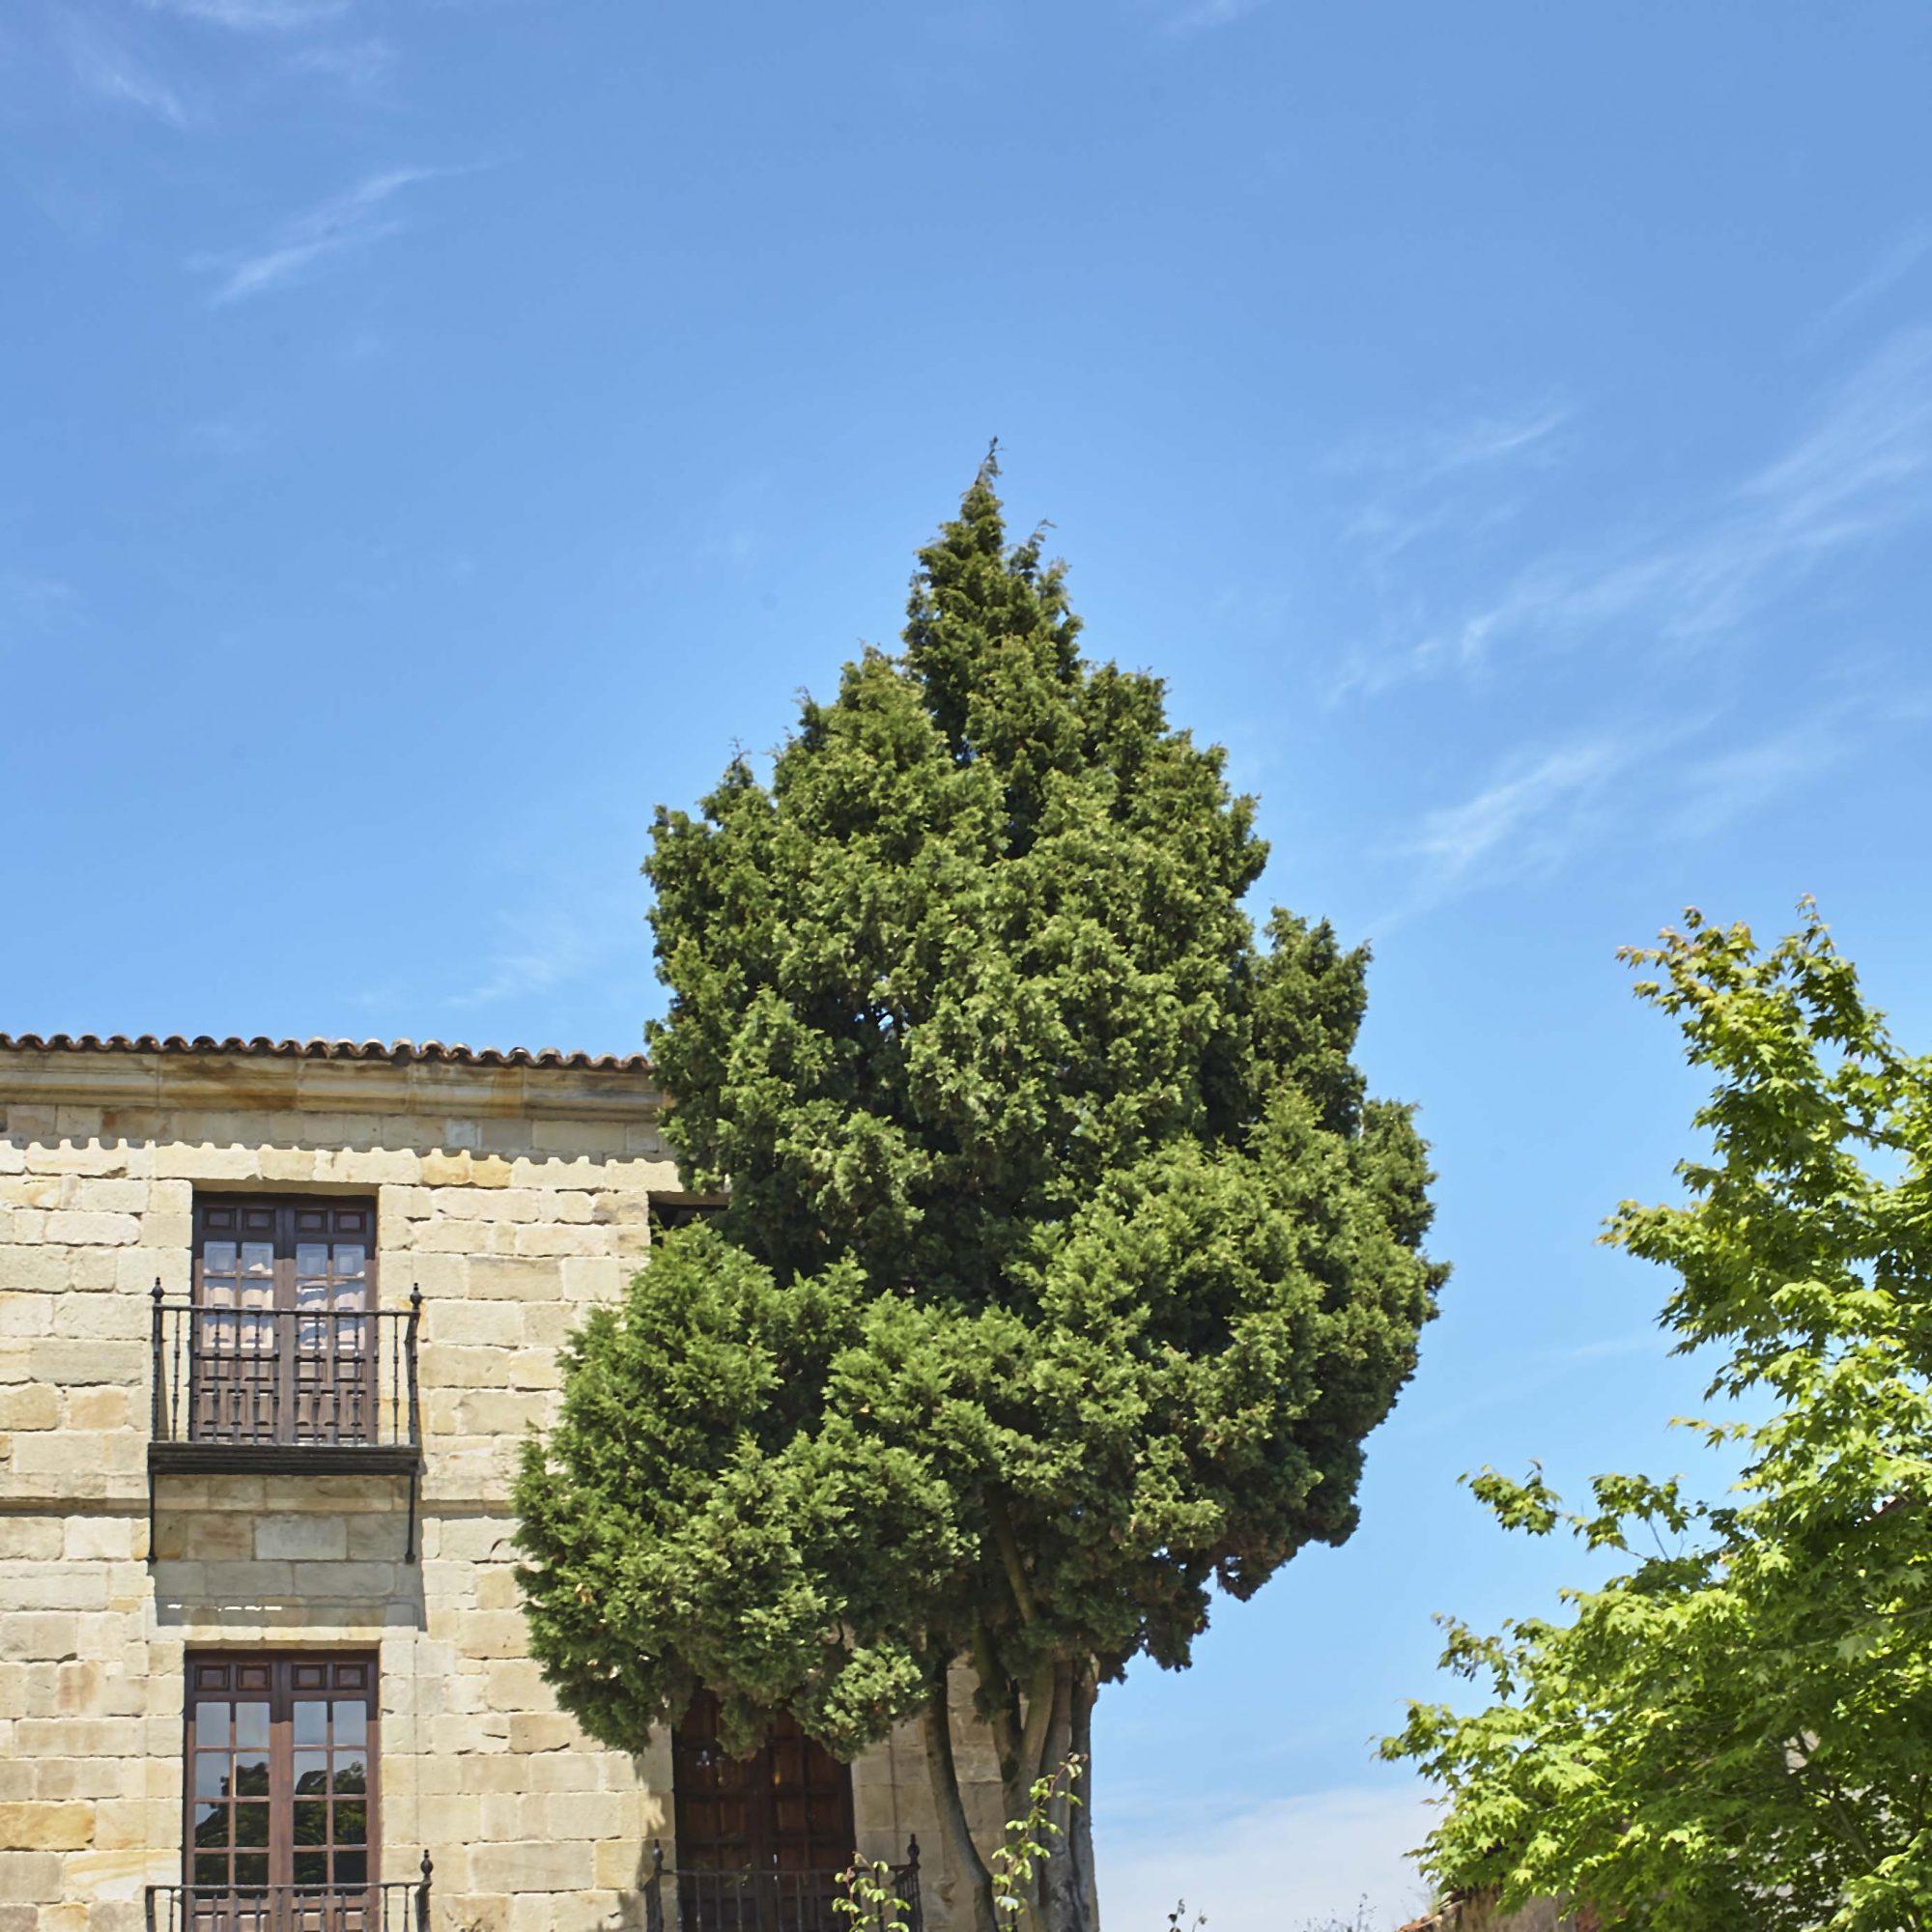 Basque to Santiago de Compostela